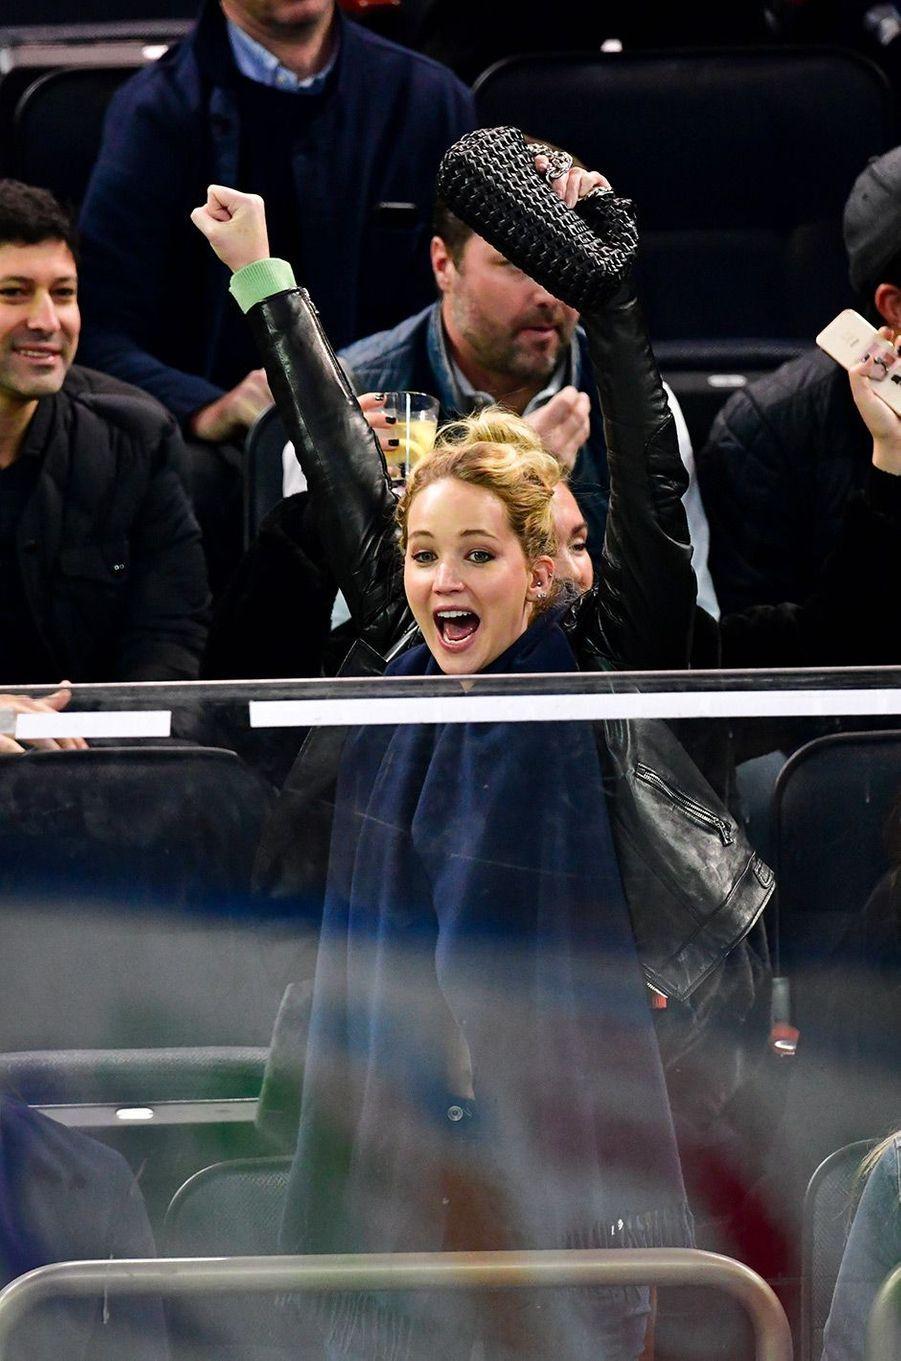 Jennifer Lawrence au match des Rangers, dimanche 4 novembre